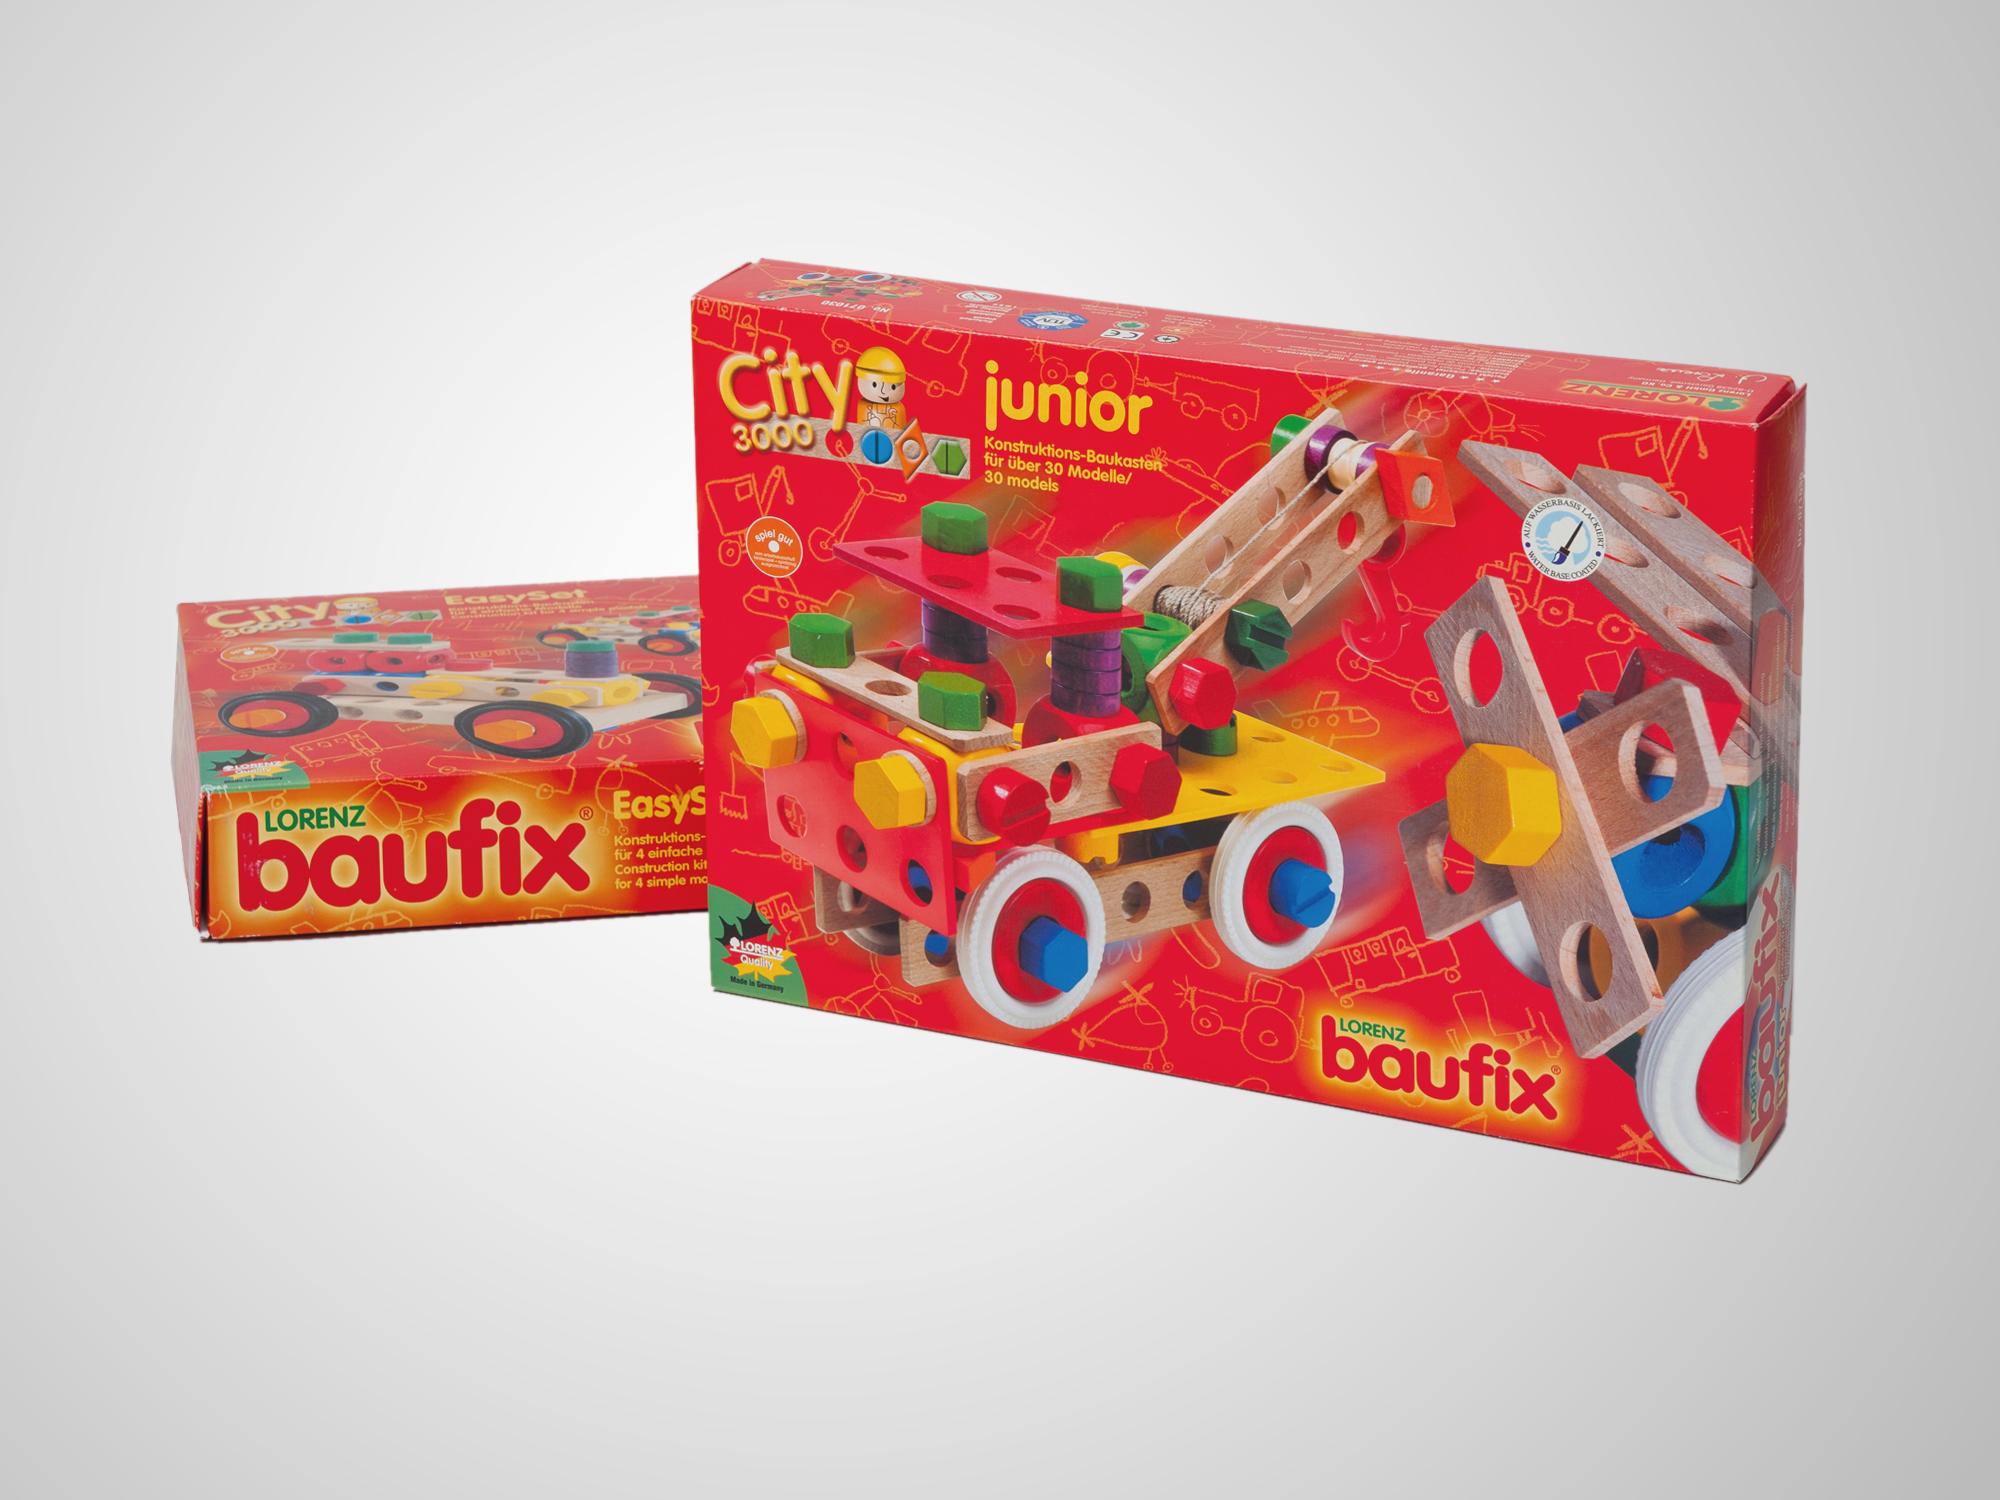 Design-Verpackung-Lorenz-baufix